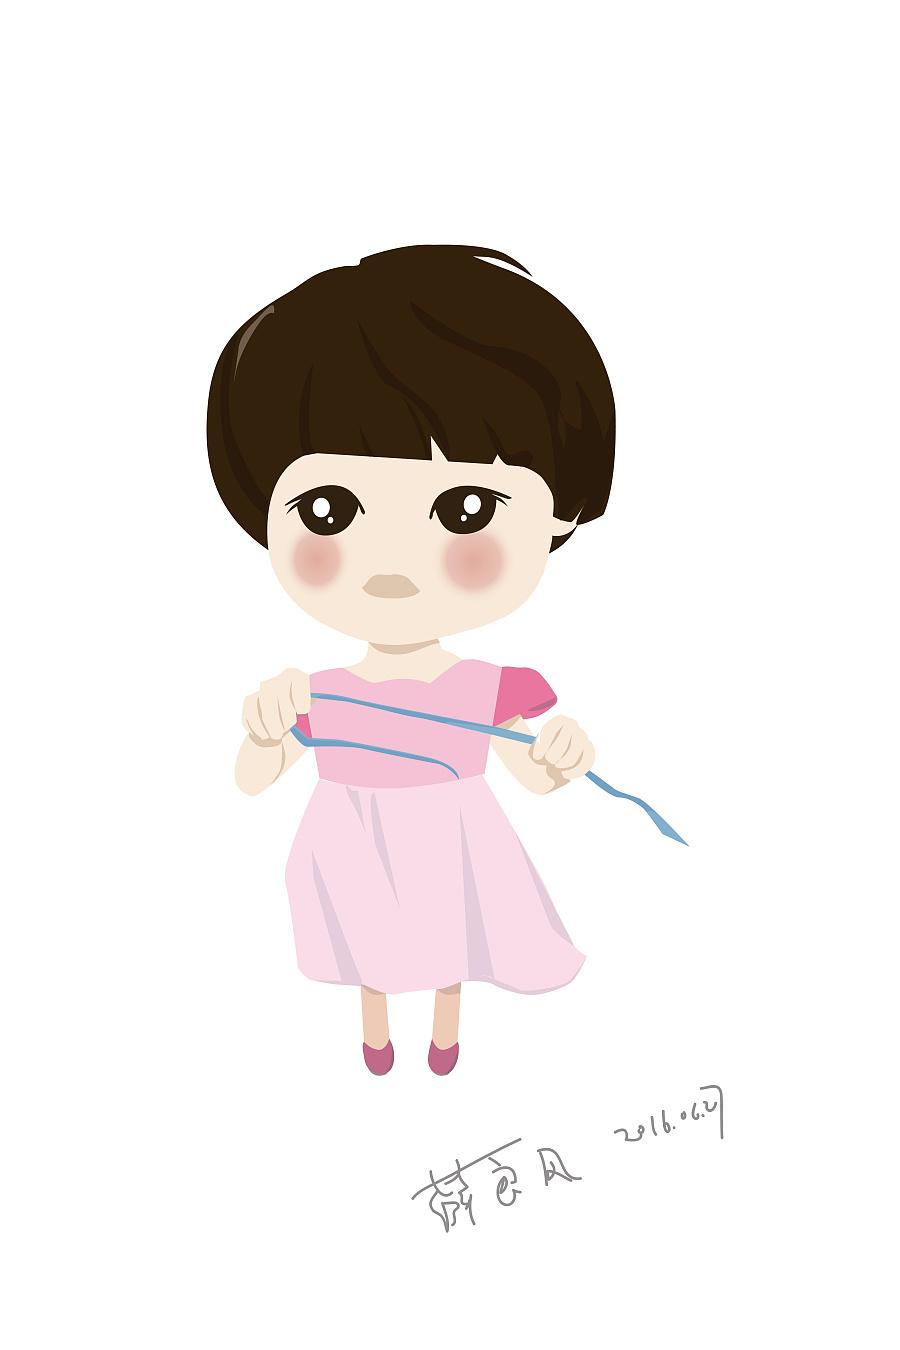 宝宝卡通形象手绘 人物插画 q版头像设计 人物形象设计